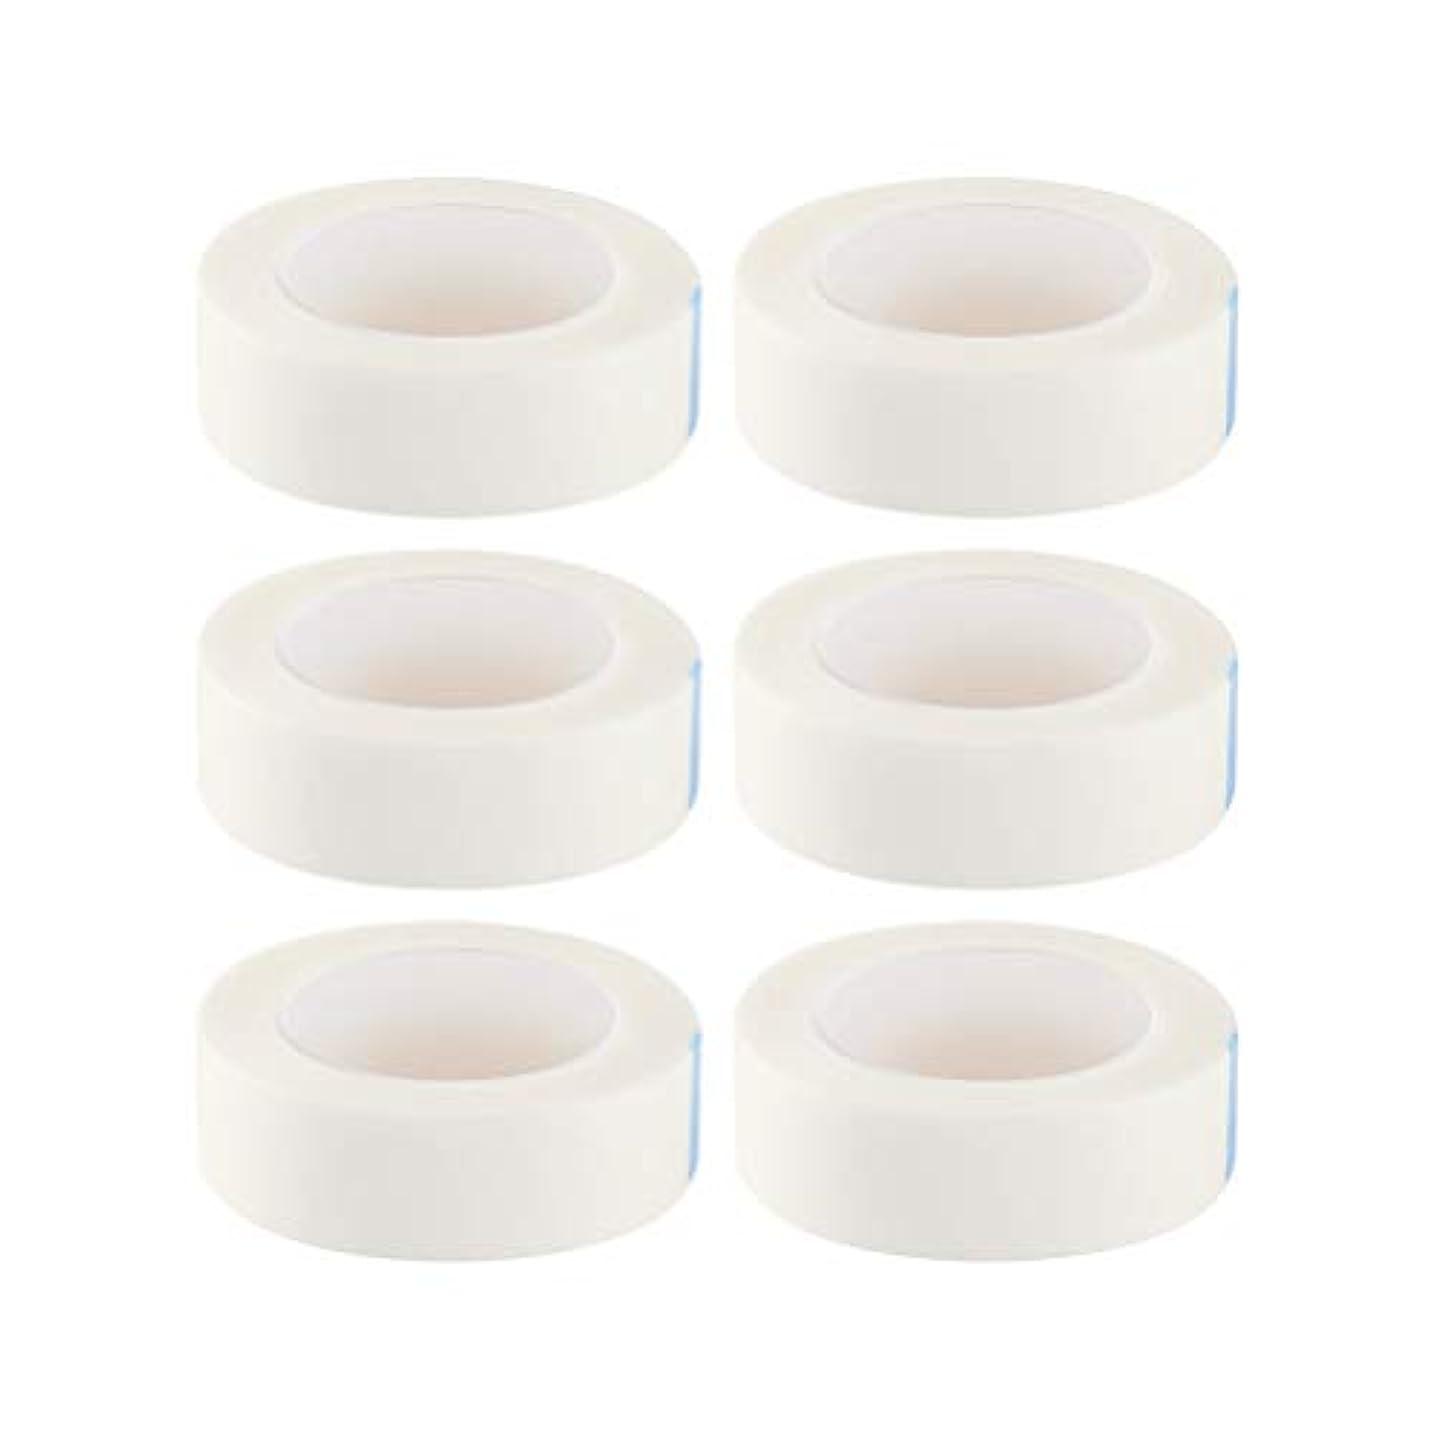 爆発物イル努力HEALIFTY まつげ絶縁テープまつげエクステサロン用ロール12個入り(白)